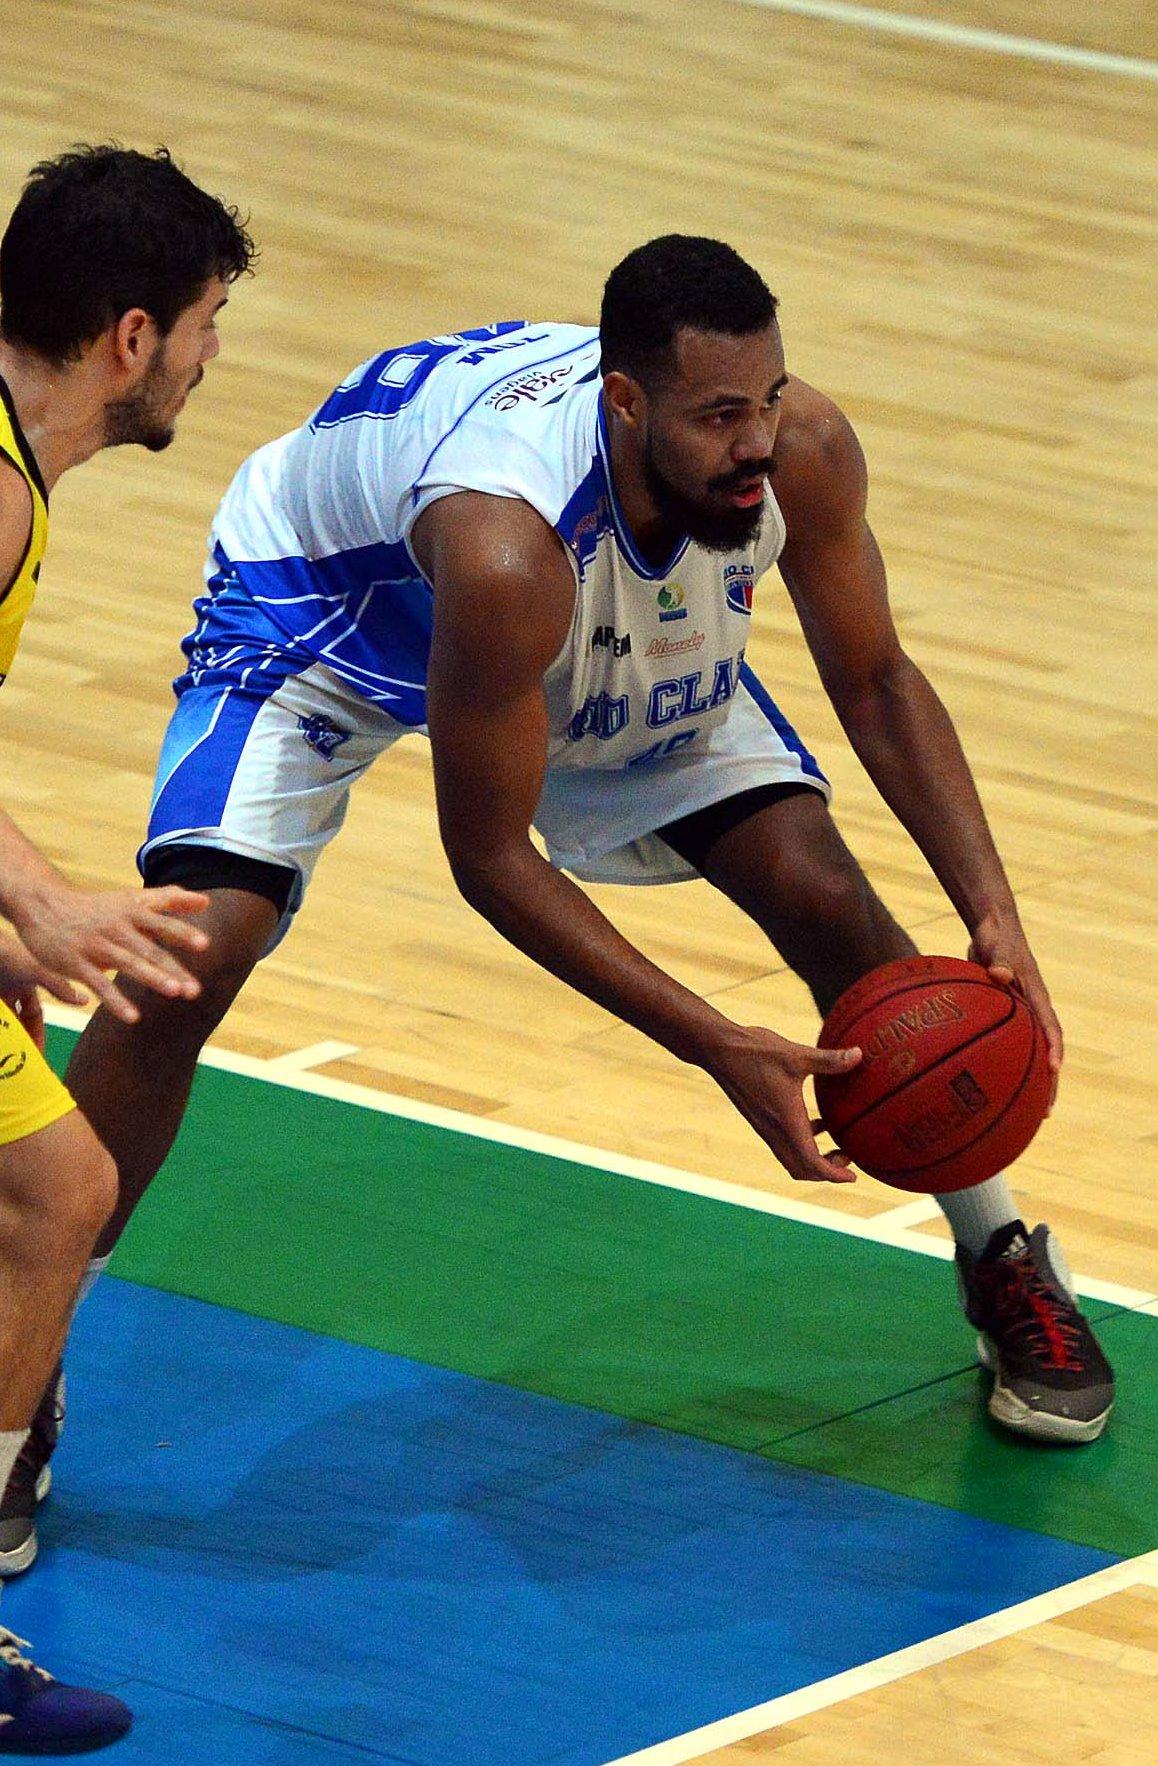 Tom foi um dos destaques da 2ª vitória do Rio Claro em 2 jogos em Bauru (João Pires/LNB)